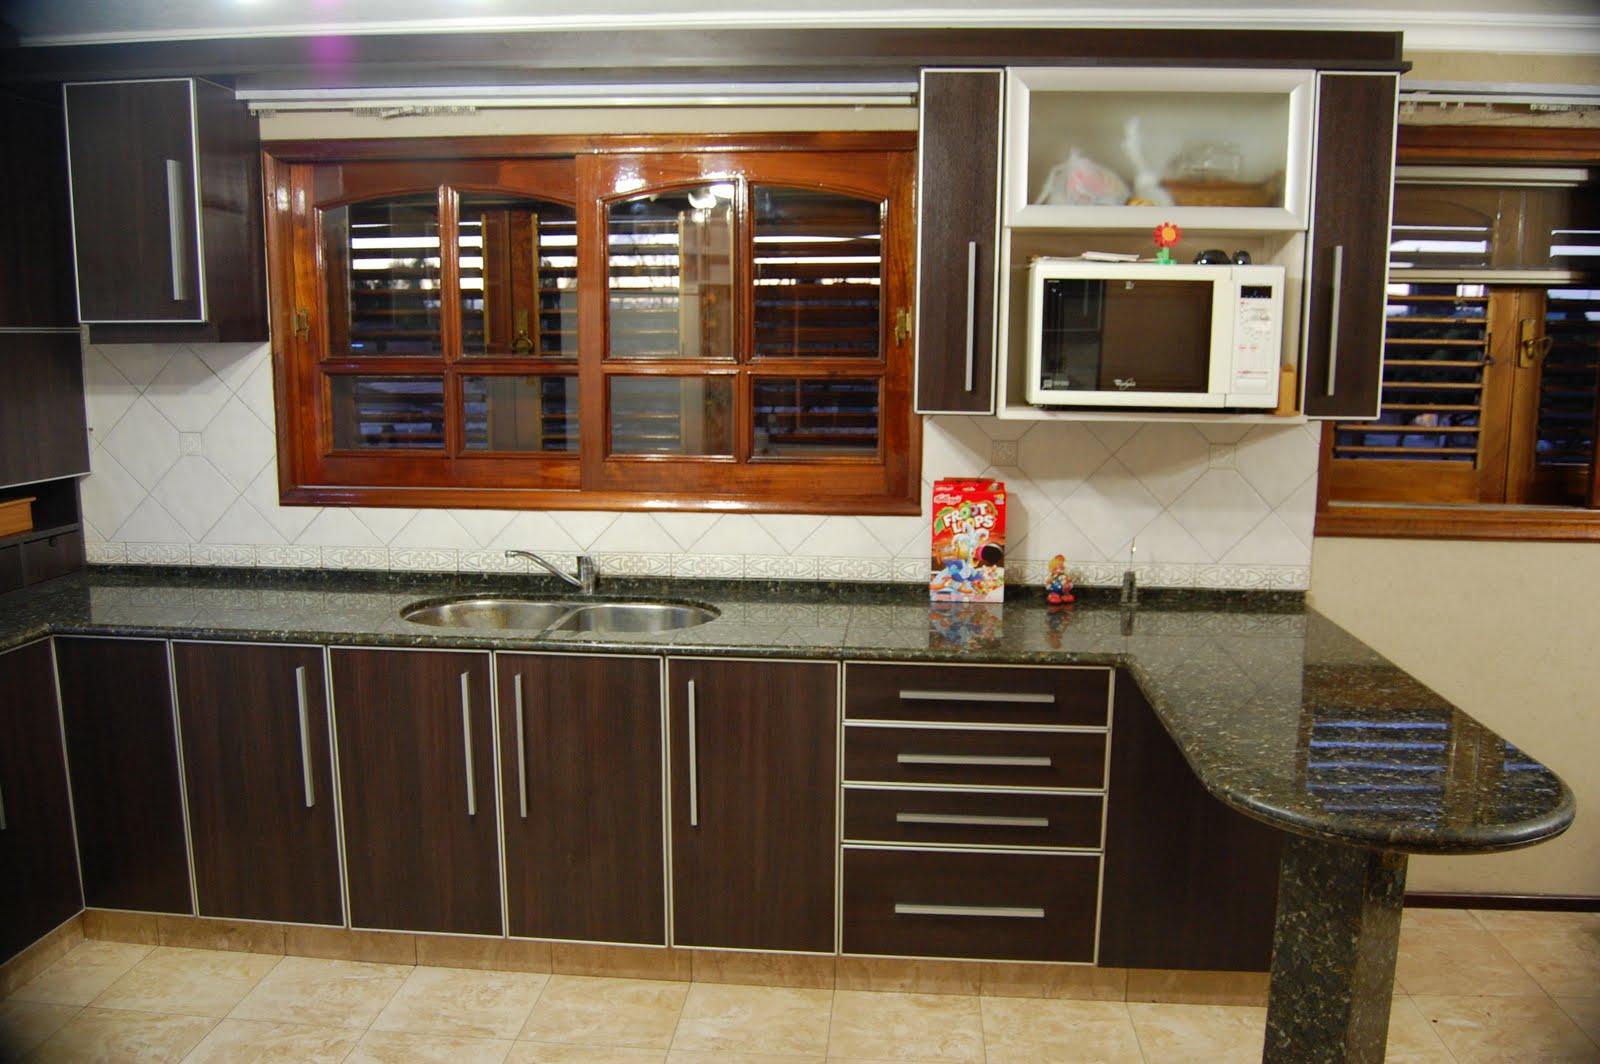 Muebles de cocina de roble y encimera de granito en Ávila  - fotos de muebles de cocina de roble